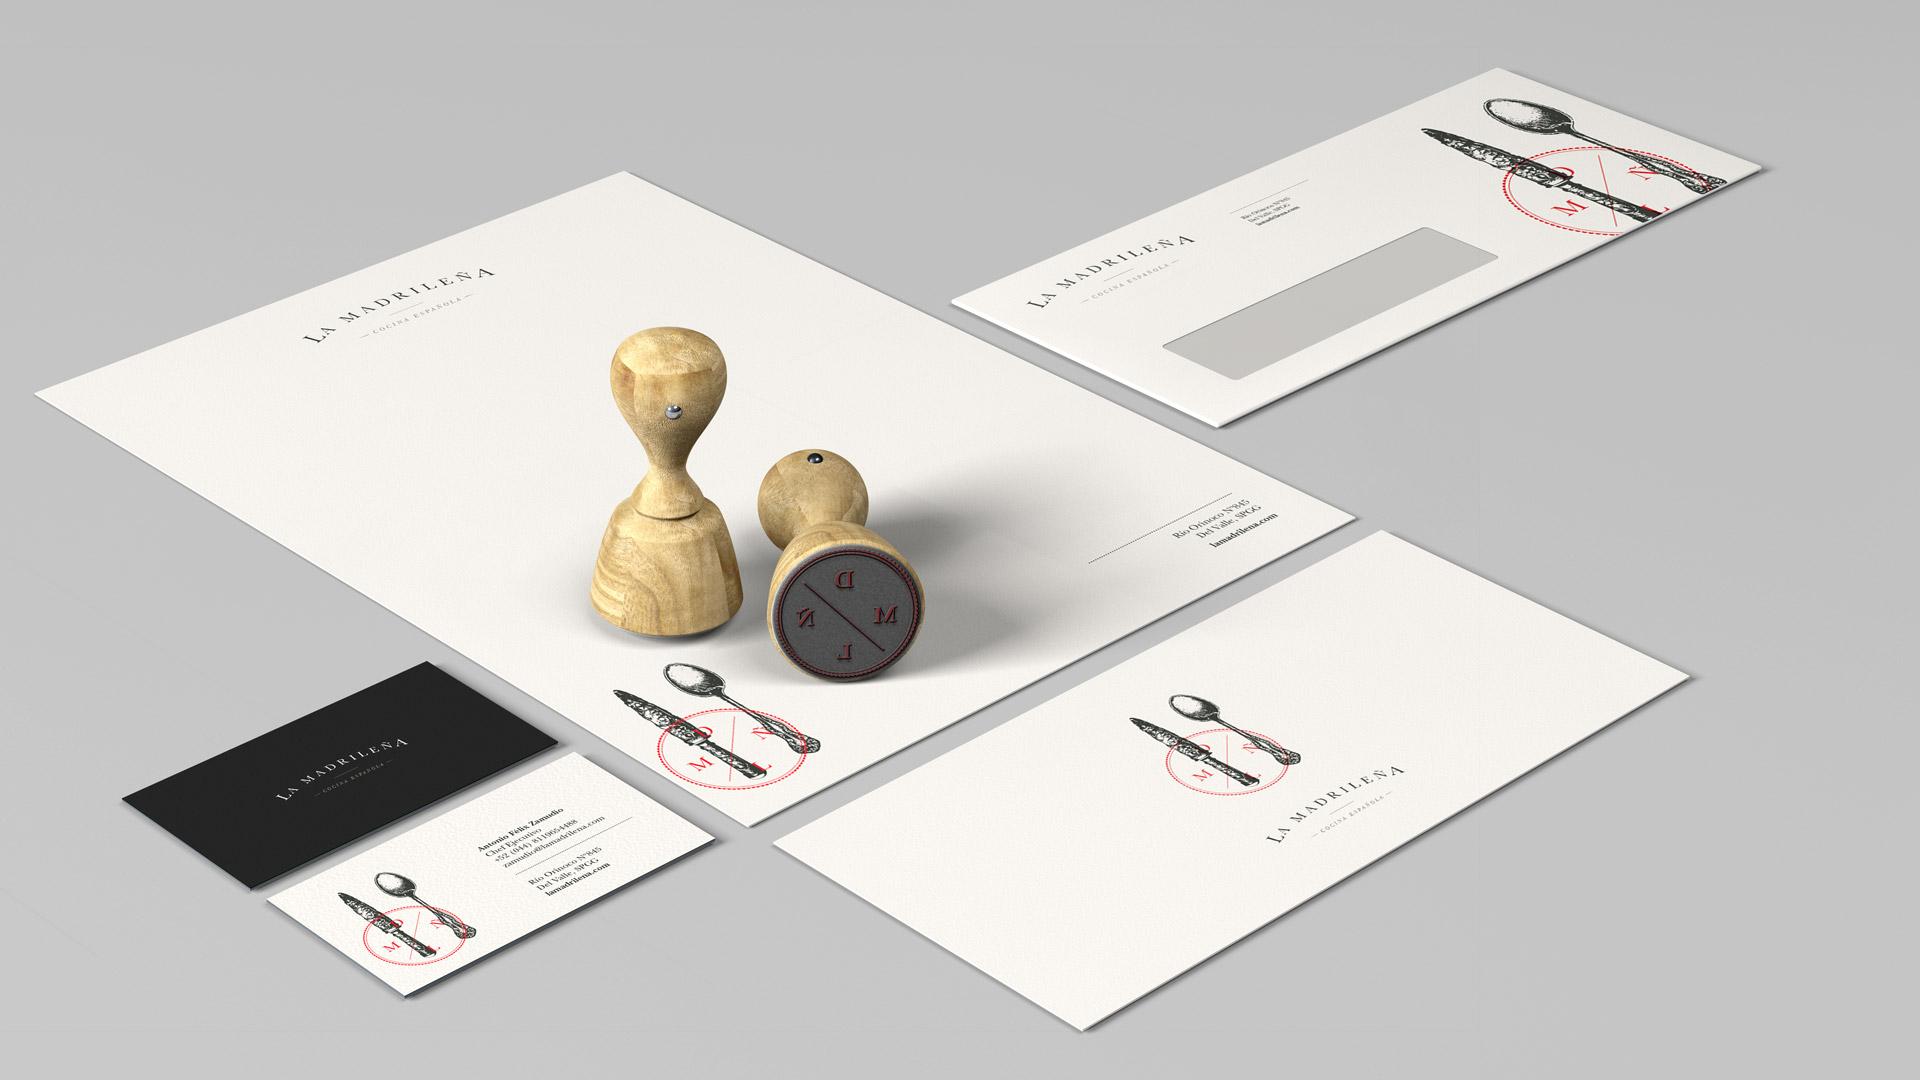 Presentación diseño de la madrileña. Presentació disseny de la madrileña